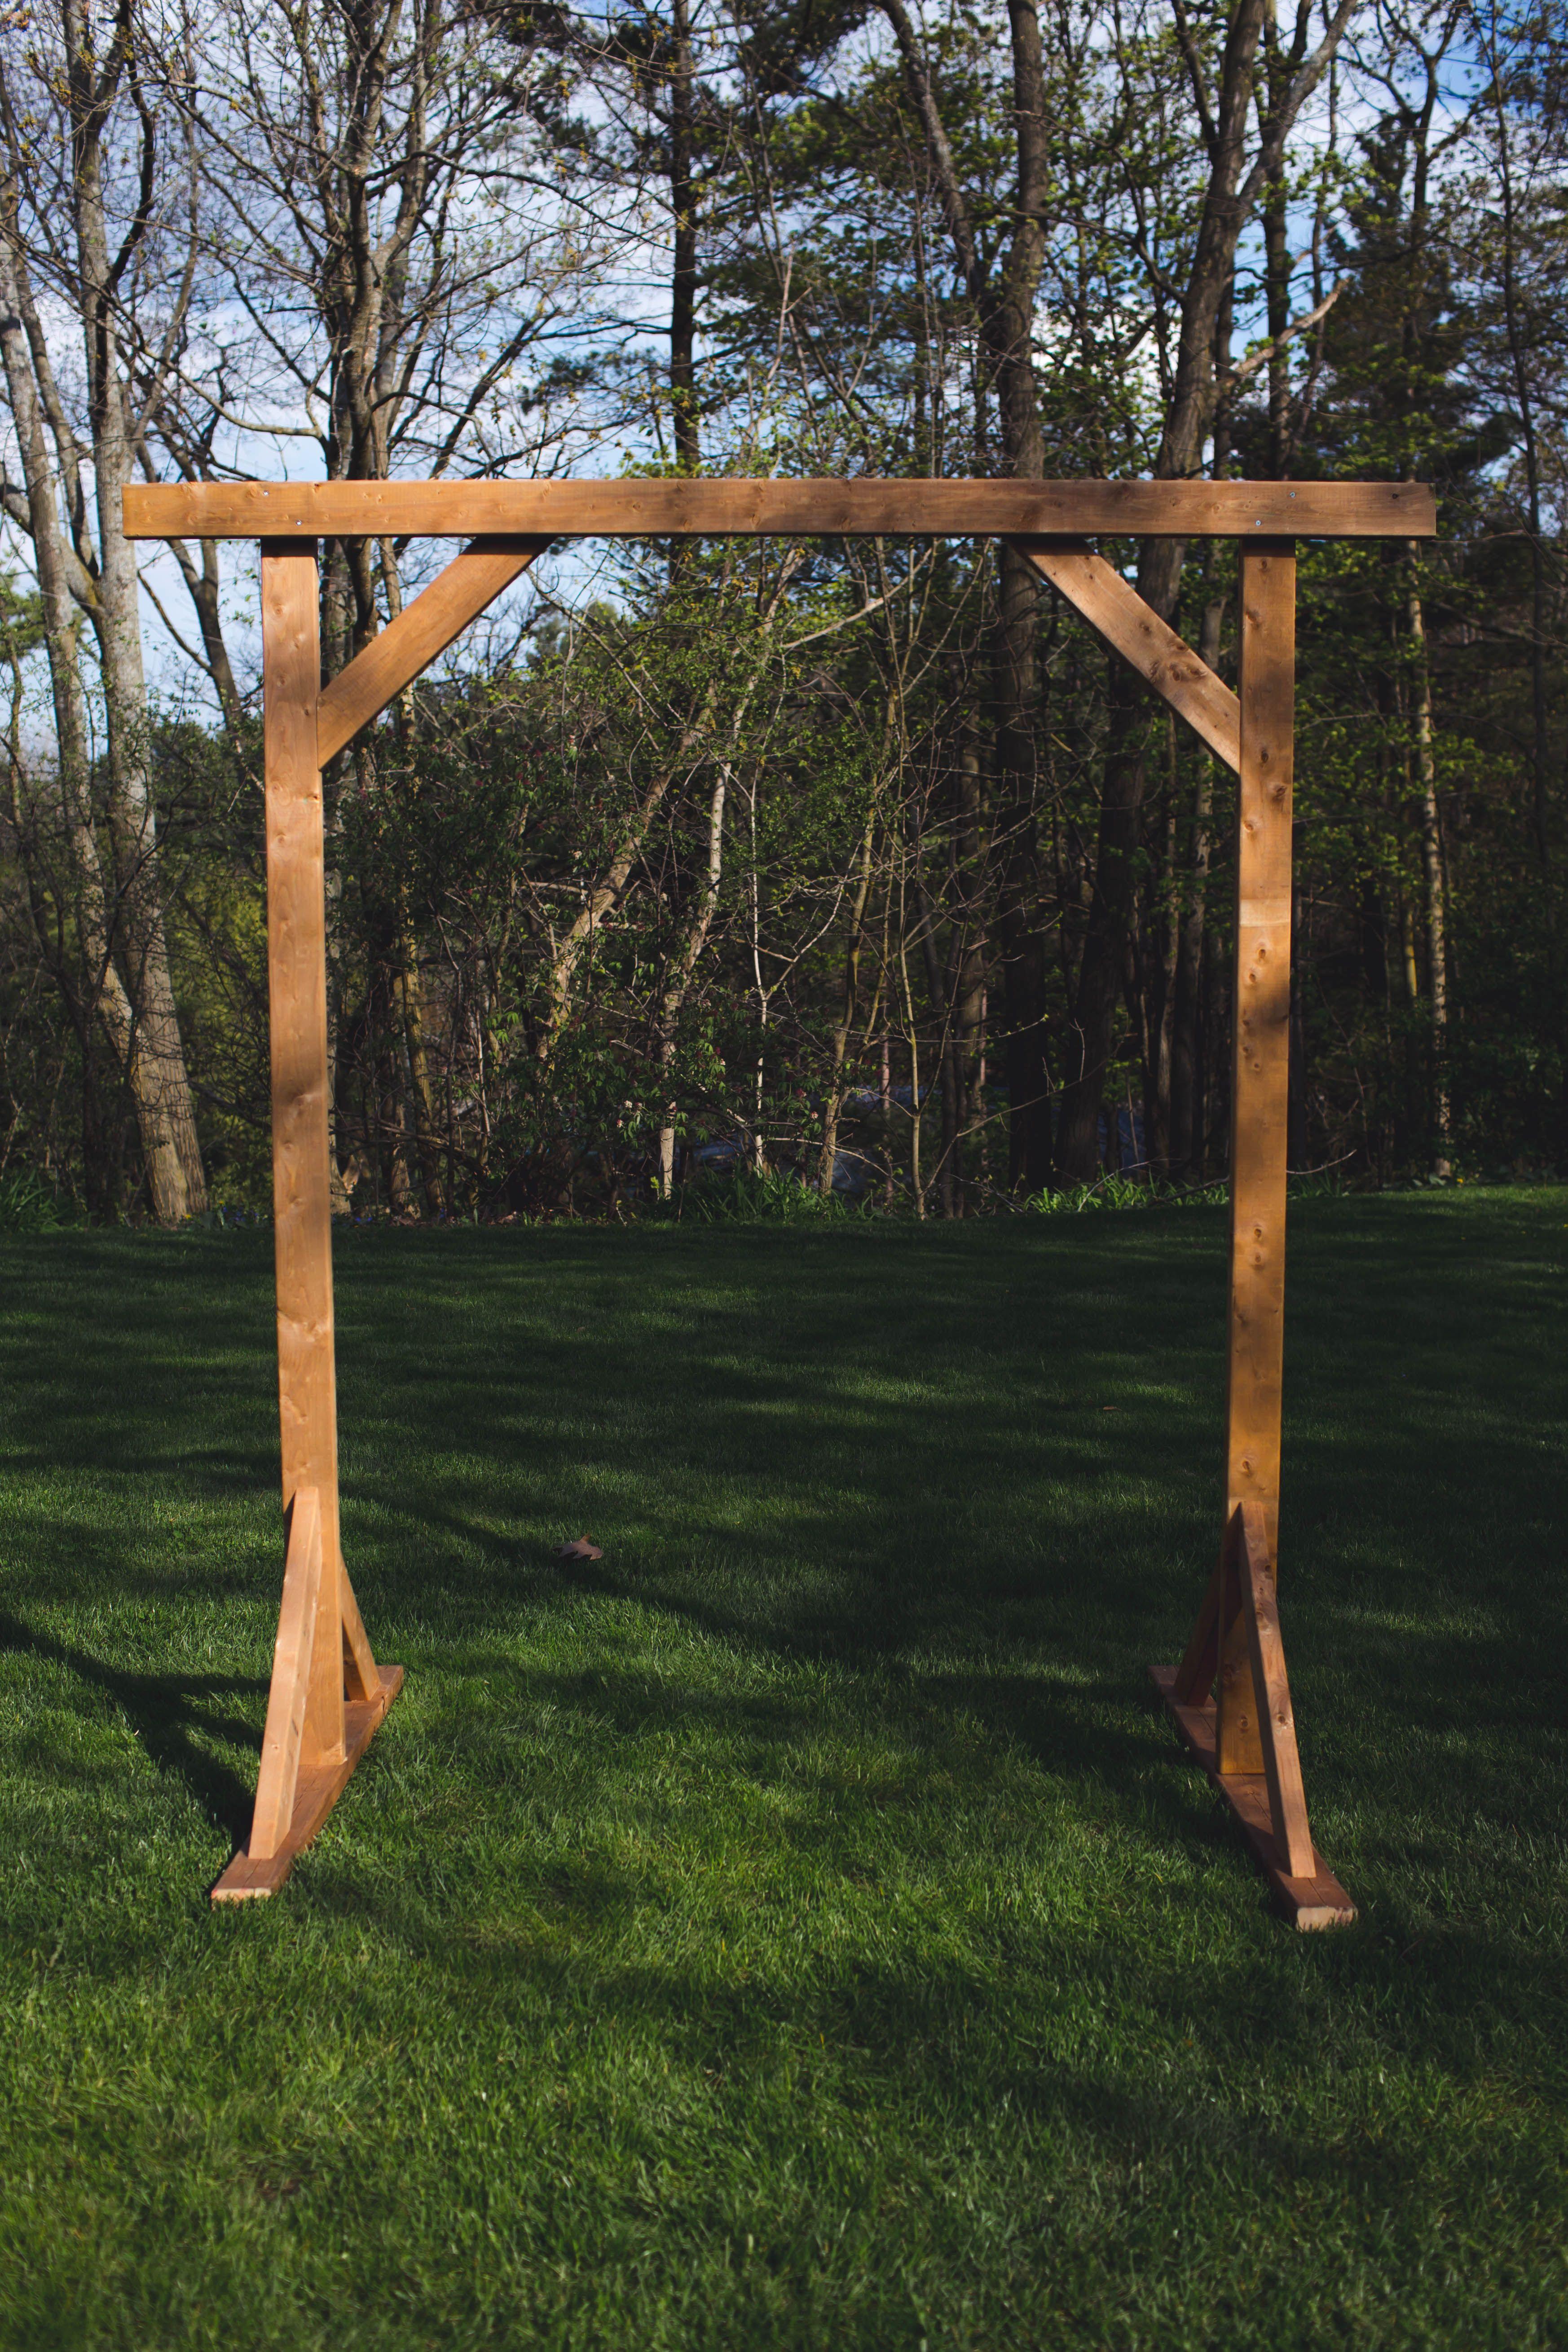 Diy wood wedding arbor wedding arch rustic wedding